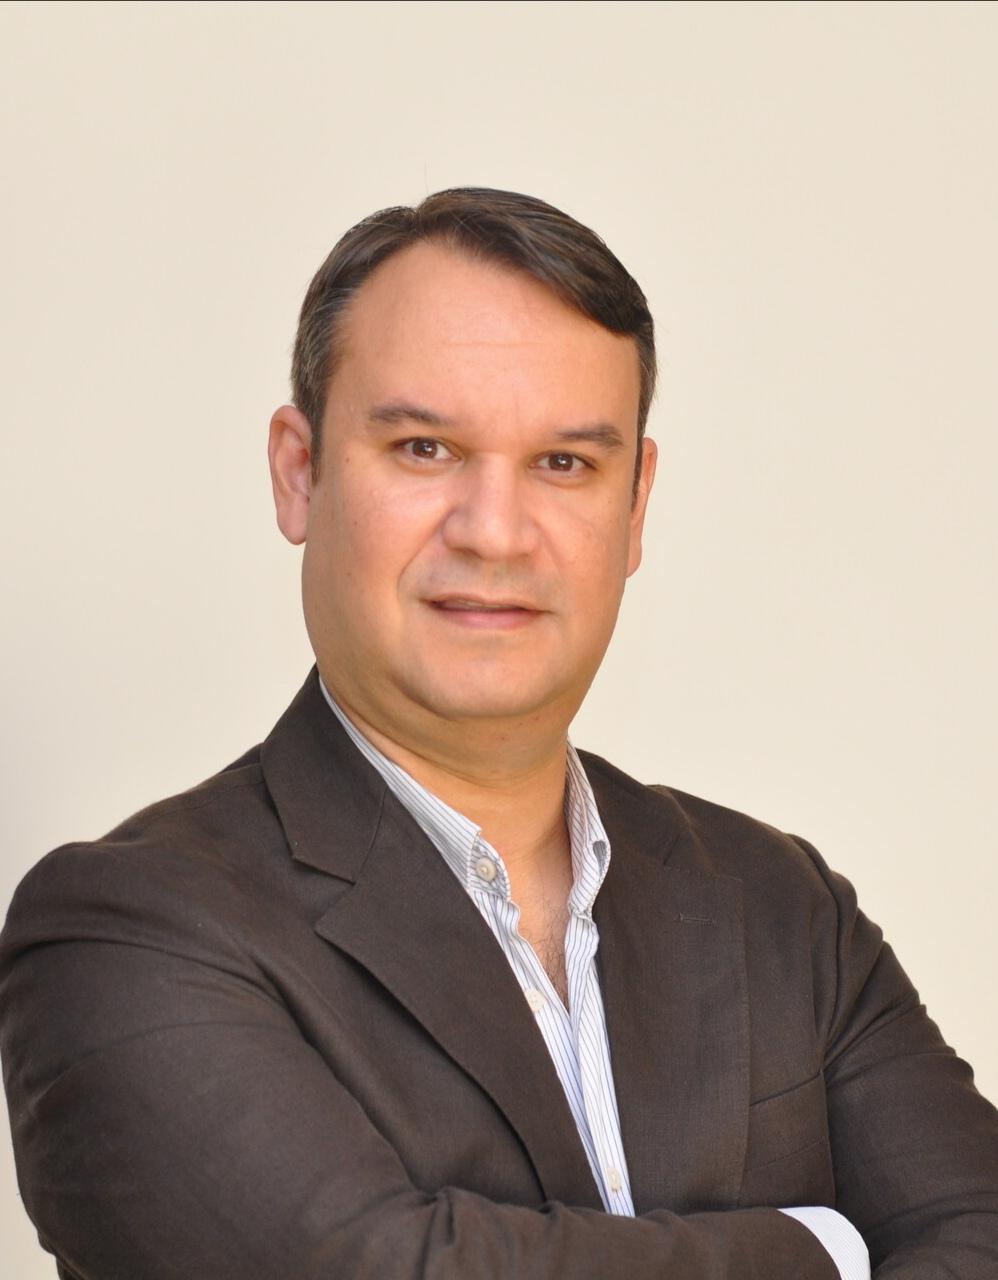 LUIS GONÇALVES